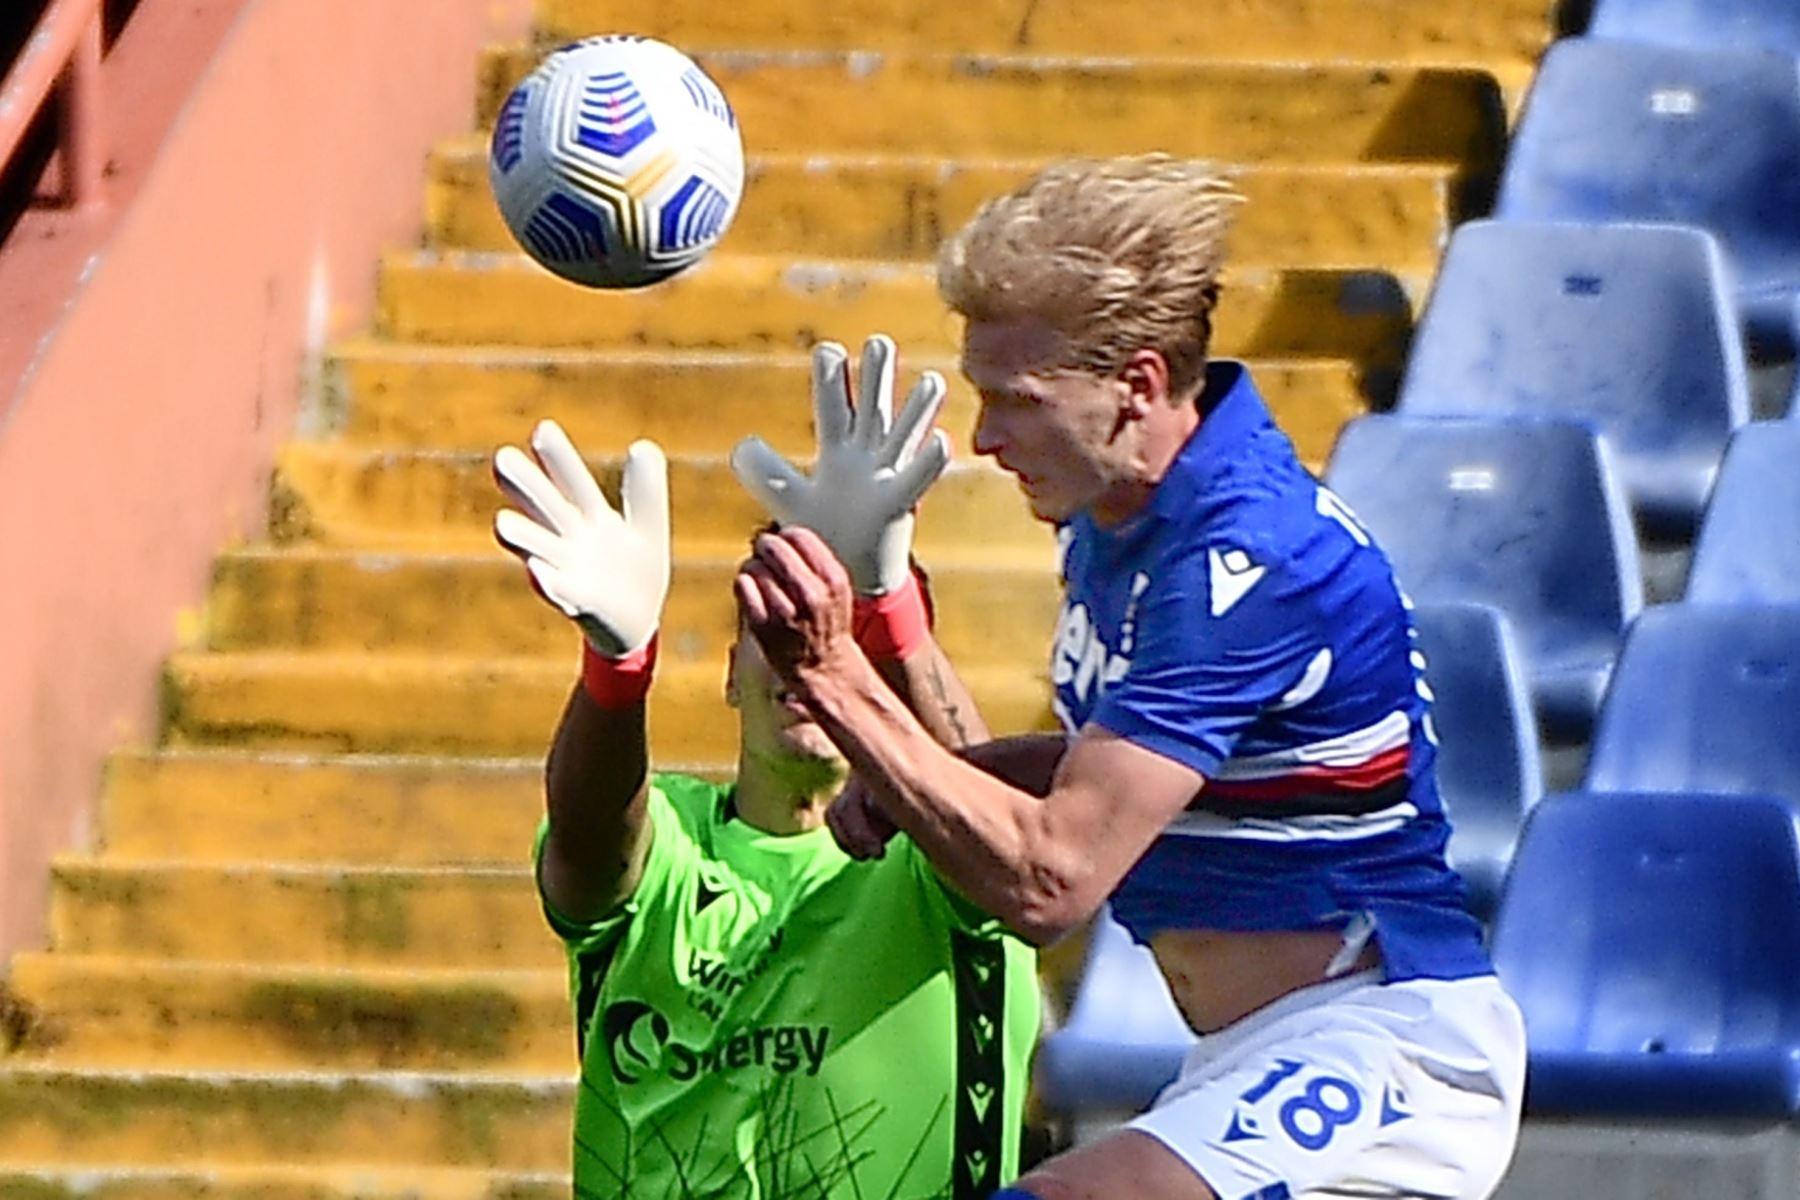 Morten Thorsby de la Sampdoria anota el gol de 3-1 durante el partido de fútbol de la Serie A italiana entre UC Sampdoria vs Hellas Verona FC. Foto: EFE